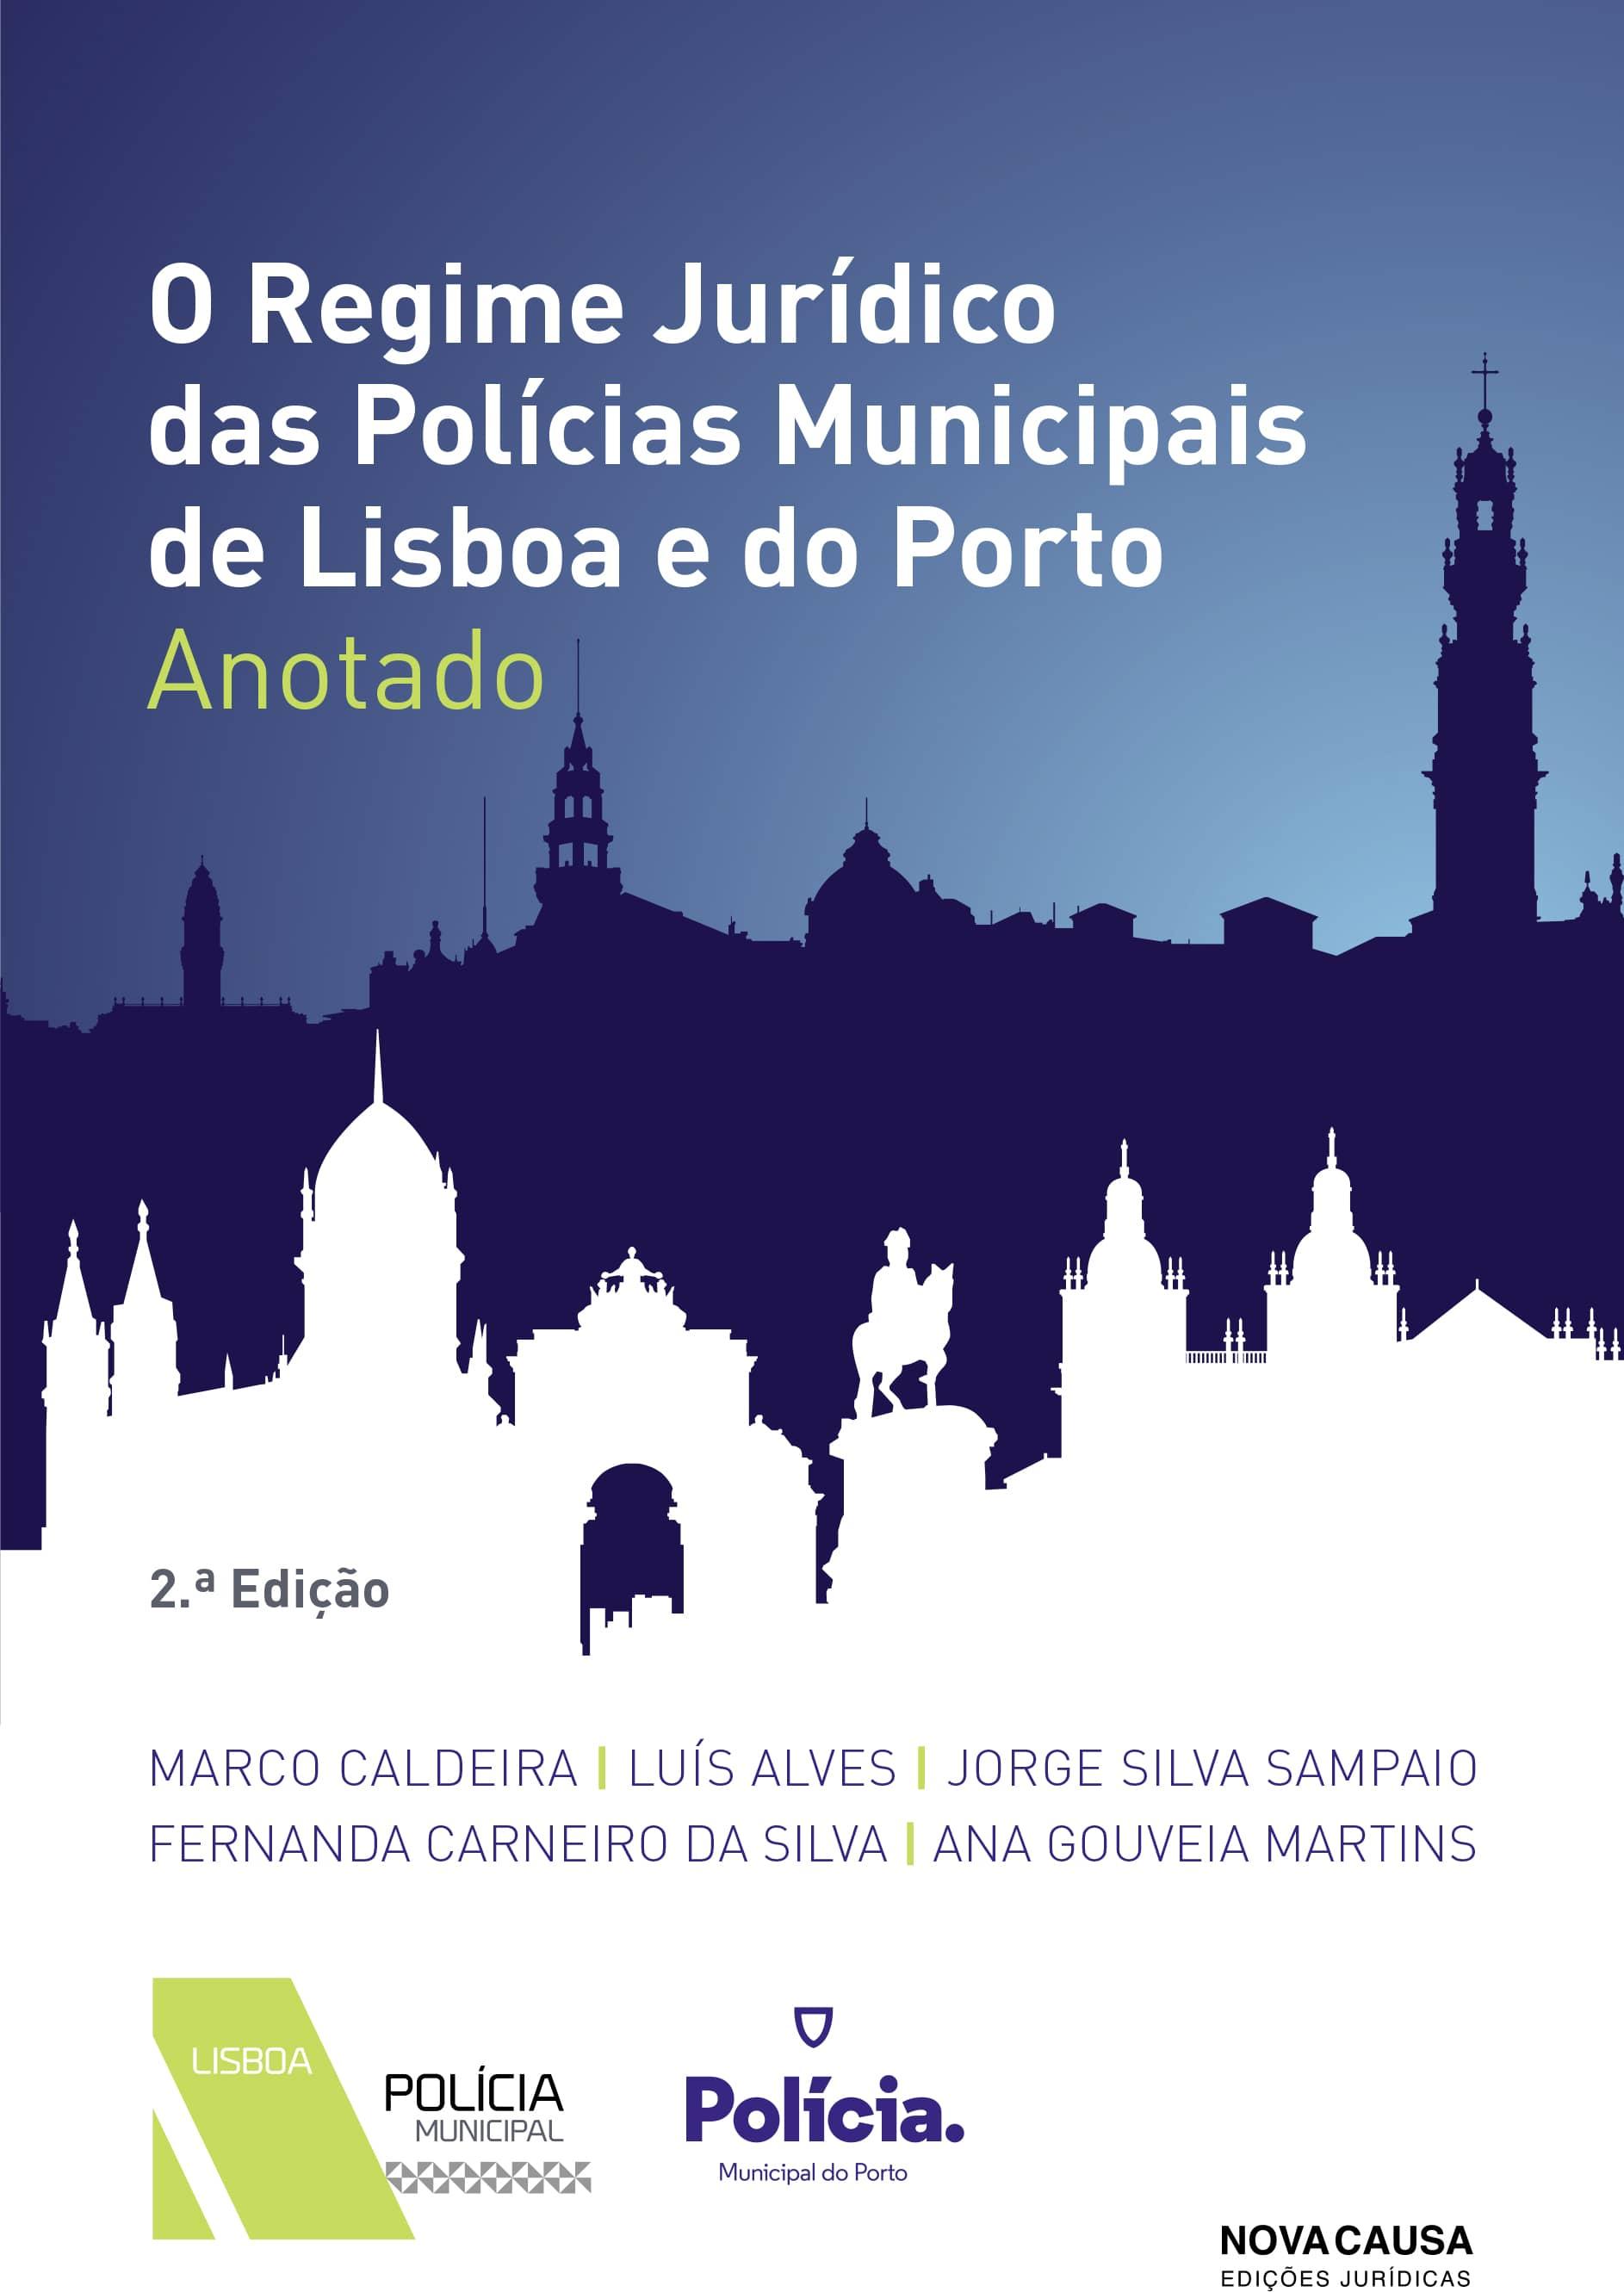 Regime Jurídico das Polícias Municipais de Lisboa e do Porto - 2ª edição